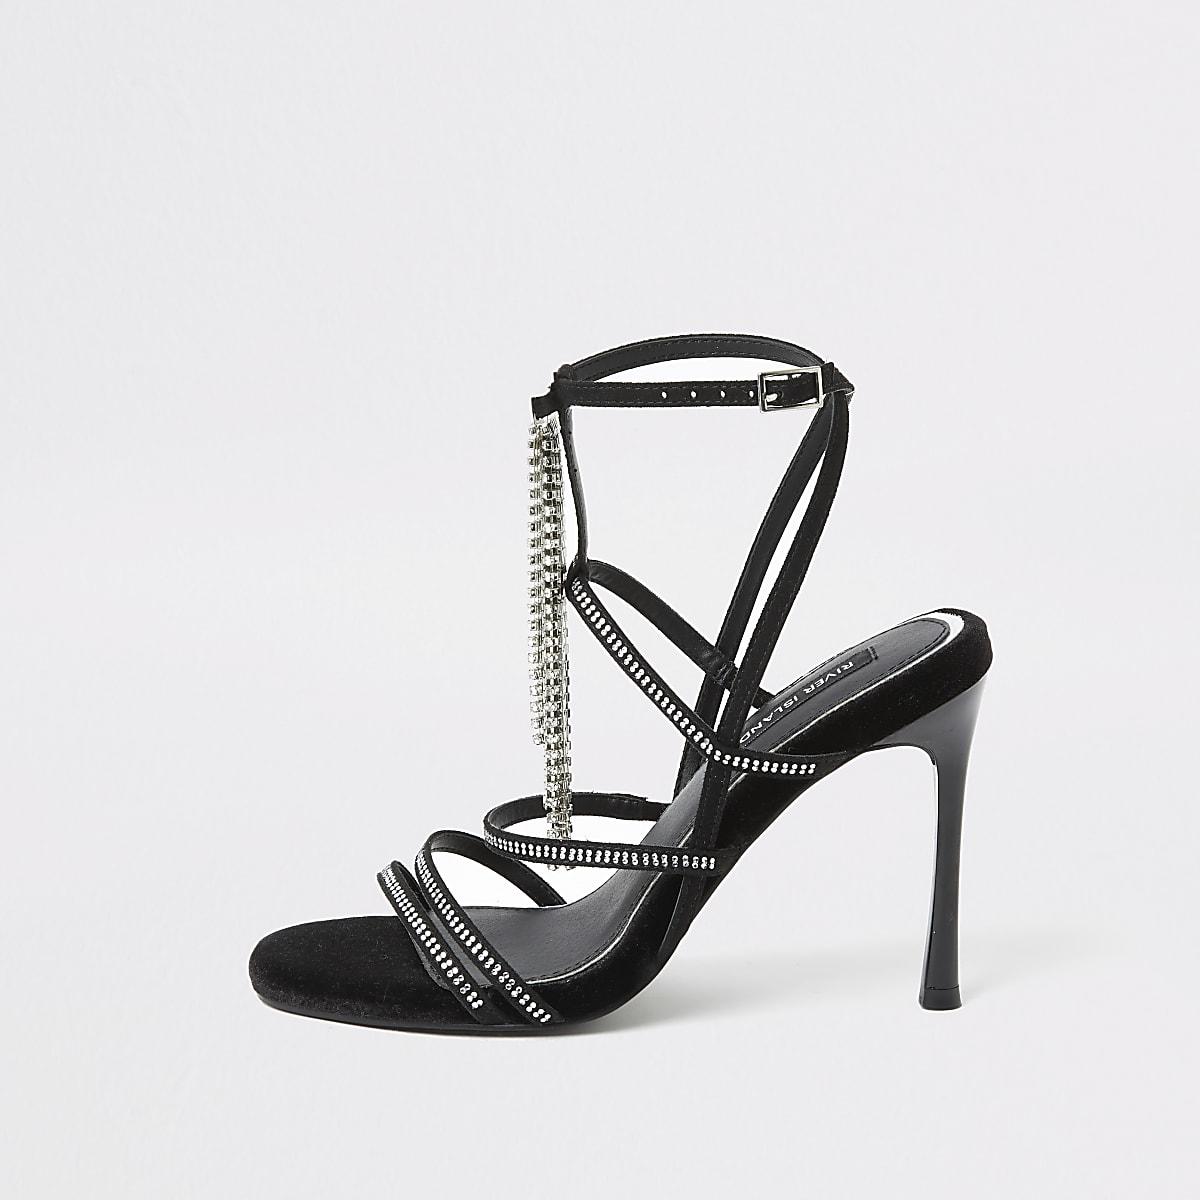 Sandales brillantes àlanières et talons noires